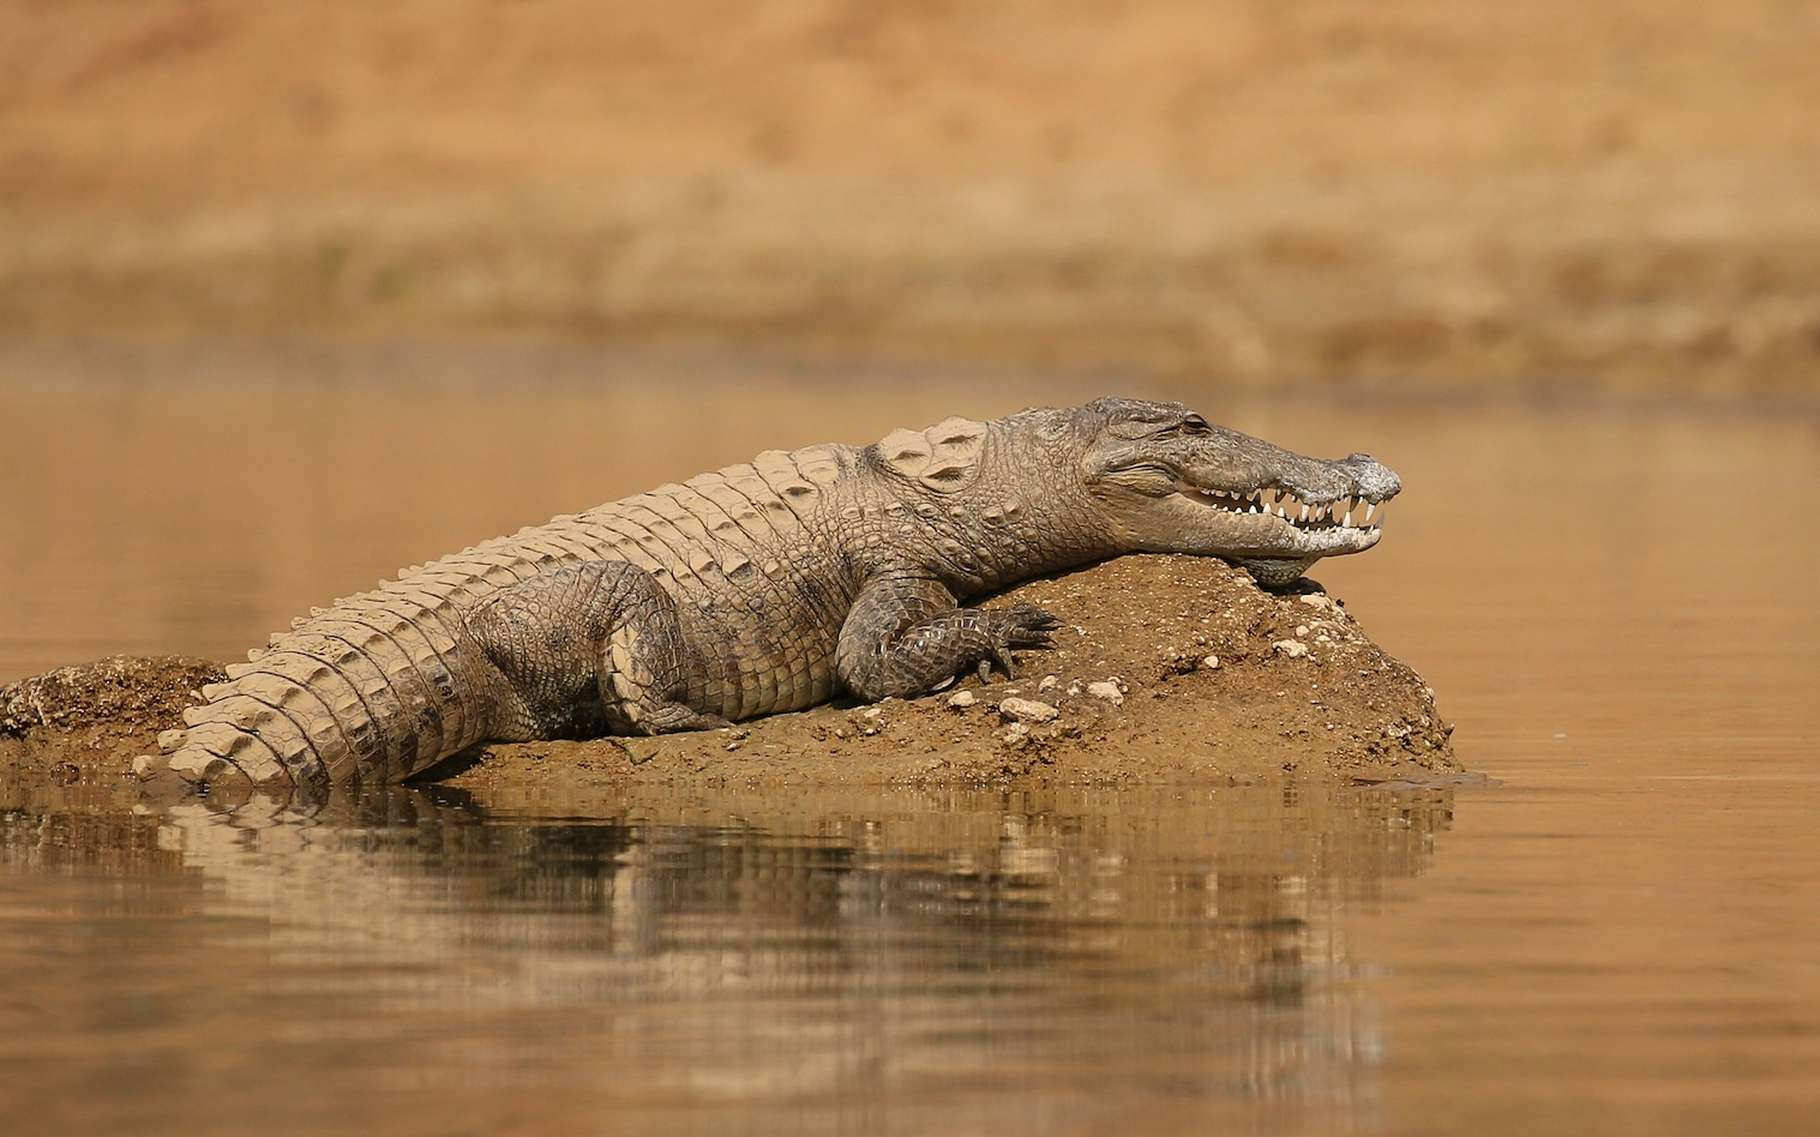 Le crocodile, on l'imagine paresseux et pas très futé. Un peu brut. Pourtant, des chercheurs affirment qu'il est capable d'utiliser des outils. Pour attraper de pauvres oiseaux sans défense. Le crocodile ne serait finalement… pas si bête ! © photocech, Adobe Stock